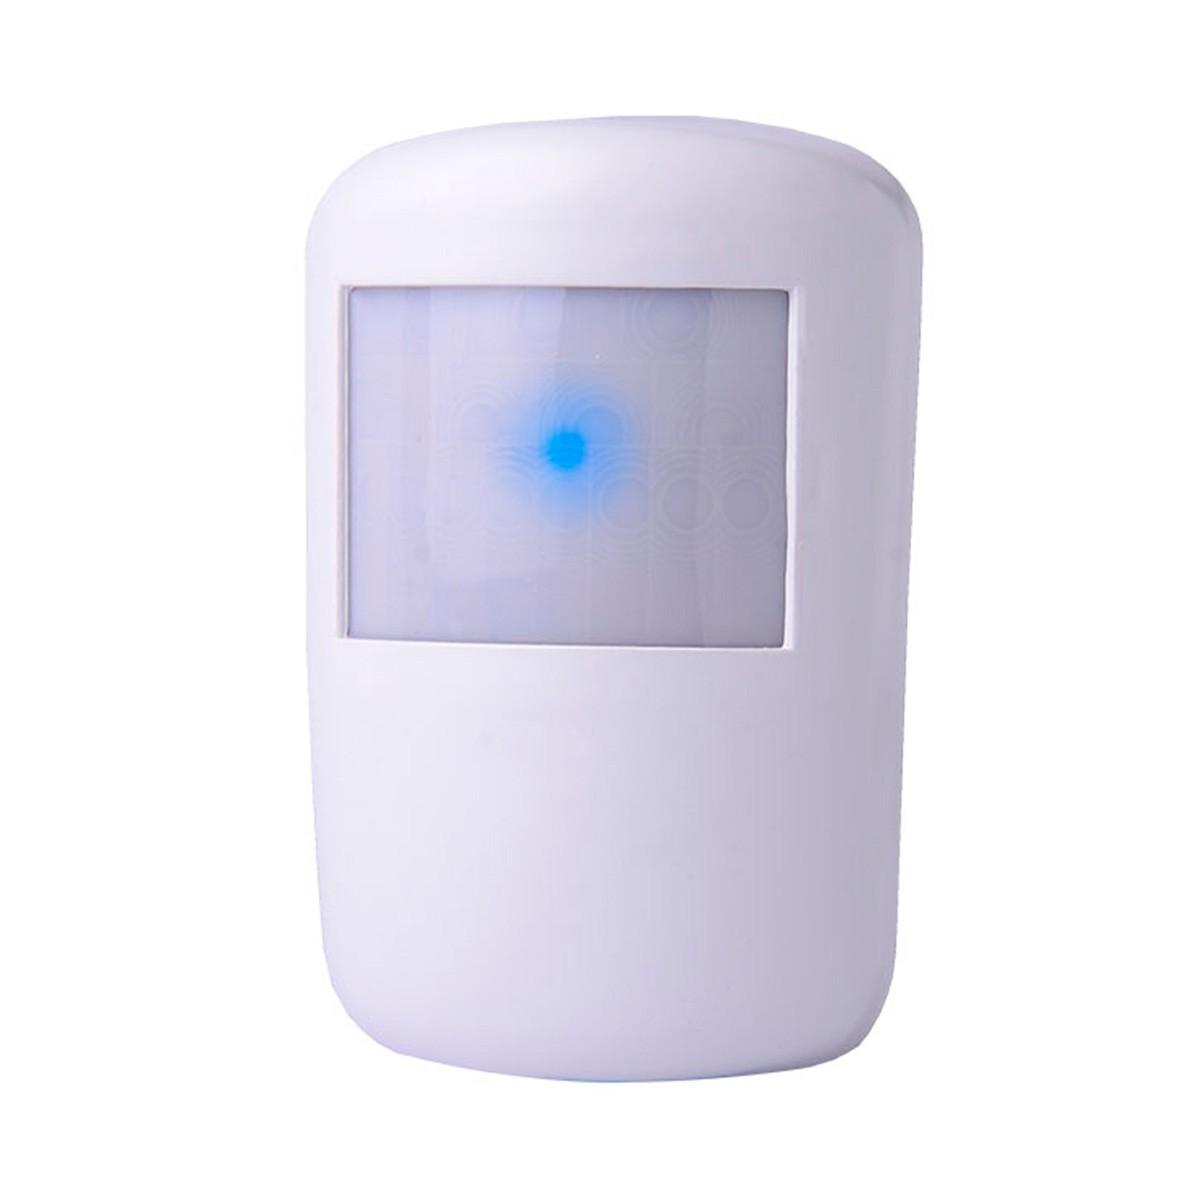 2pcs Sensor De Presença Ipec Passivo Sem Fio Vision Rf